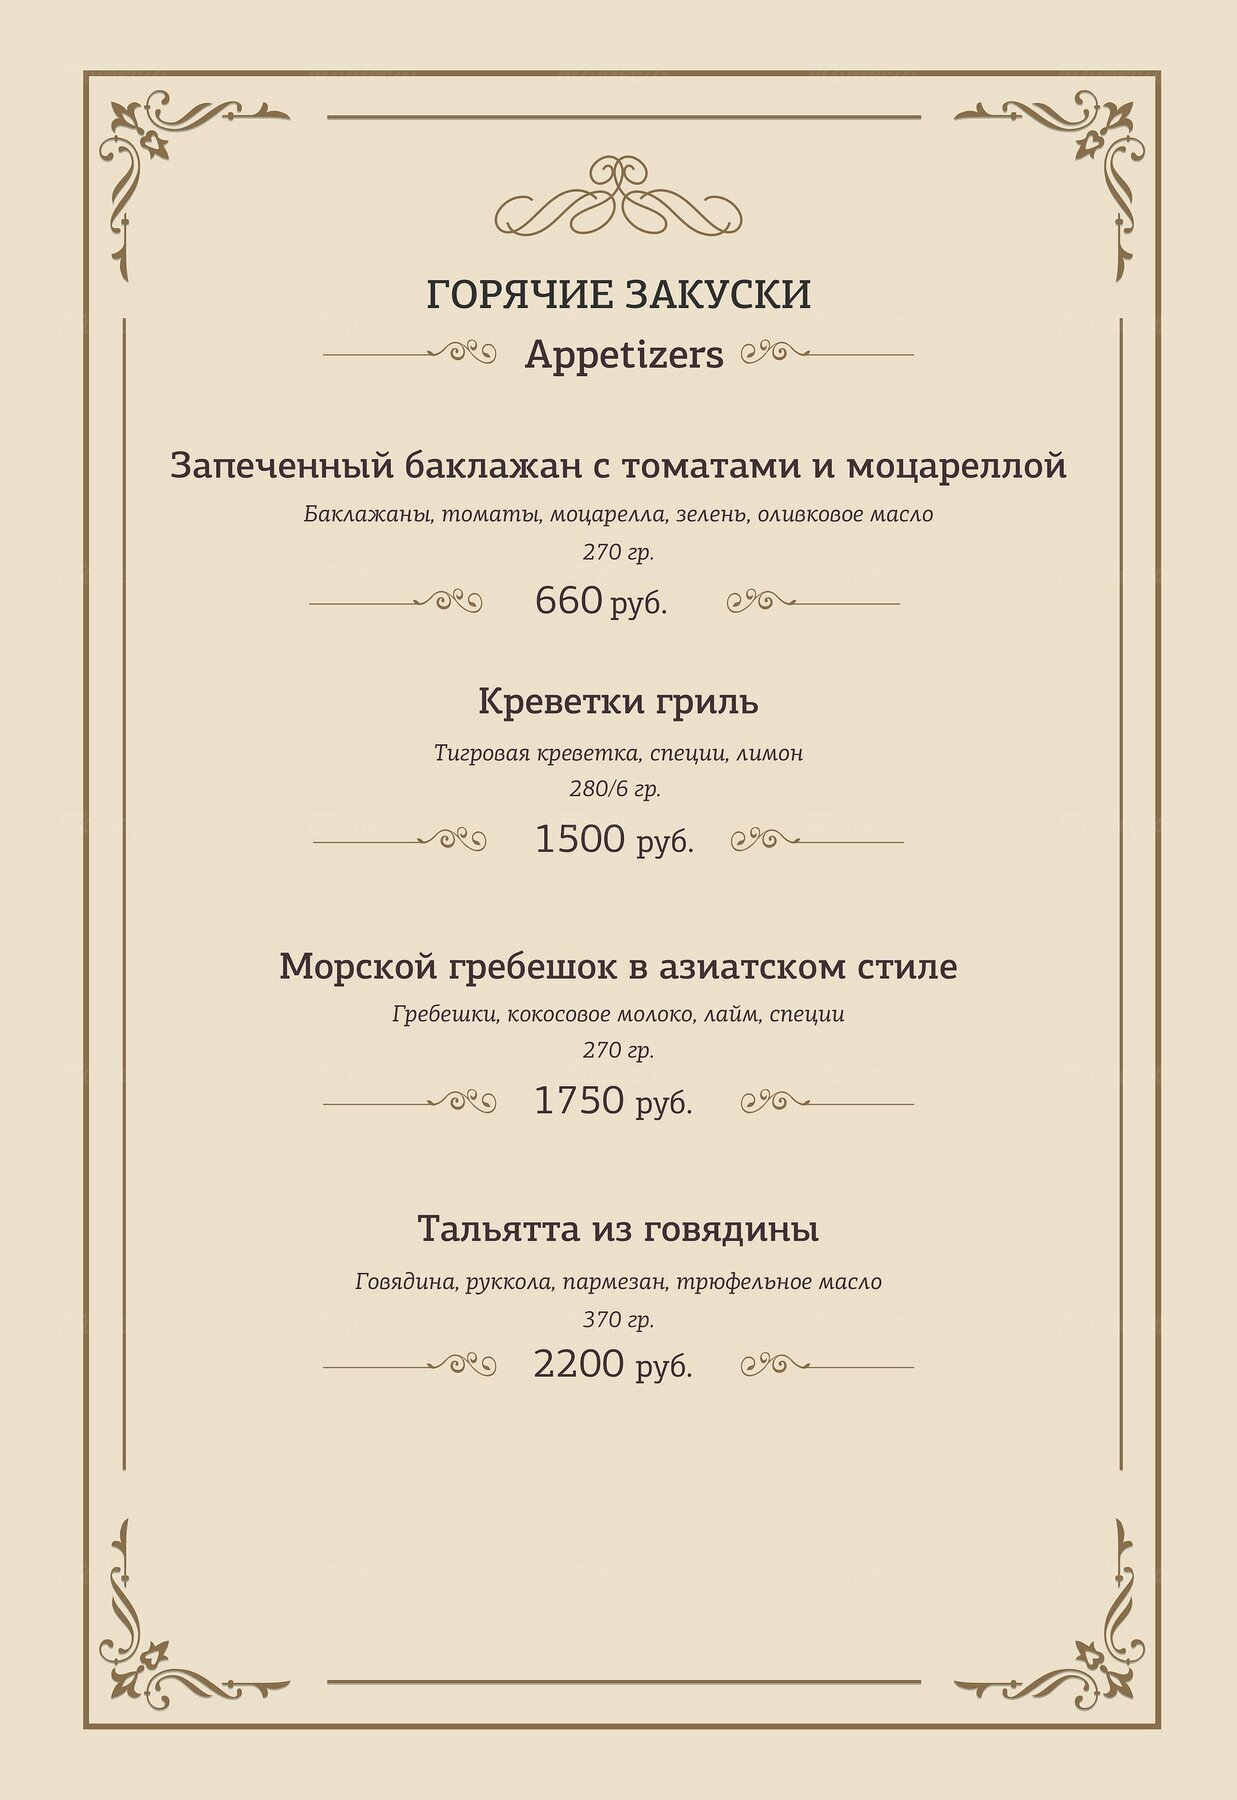 Меню караоке клуб Сопрано на Невском проспекте фото 7